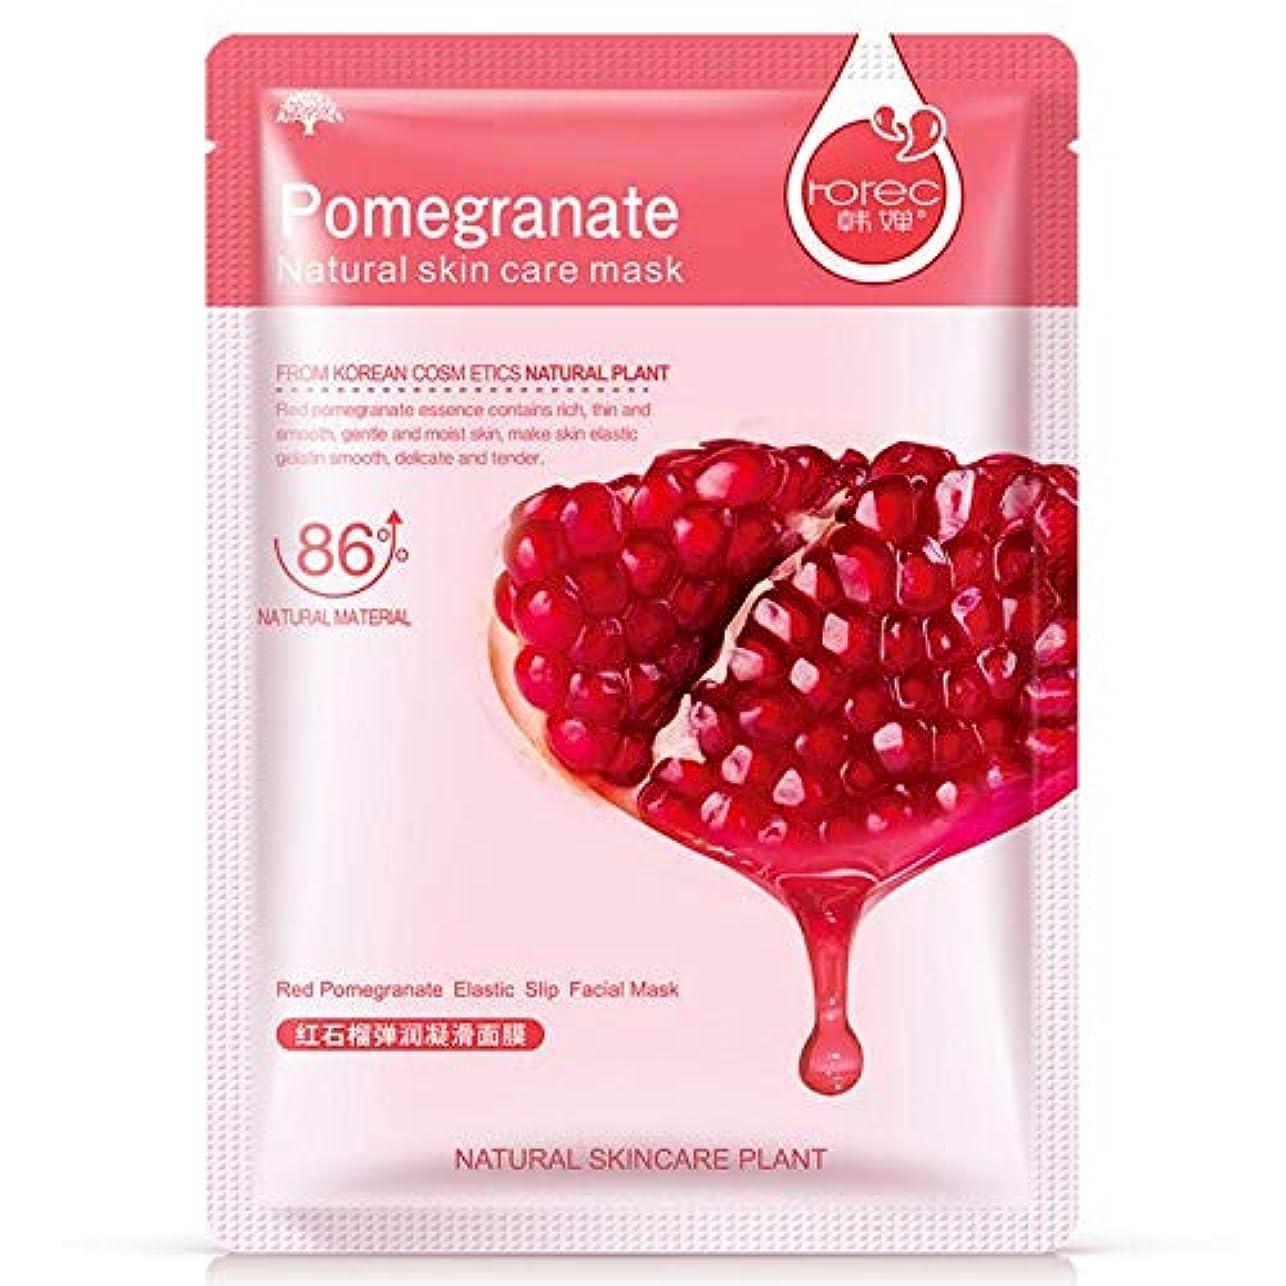 スコア吐く舗装(Pomegranate) Skin Care Plant Facial Mask Moisturizing Oil Control Blackhead Remover Wrapped Mask Face Mask Face...